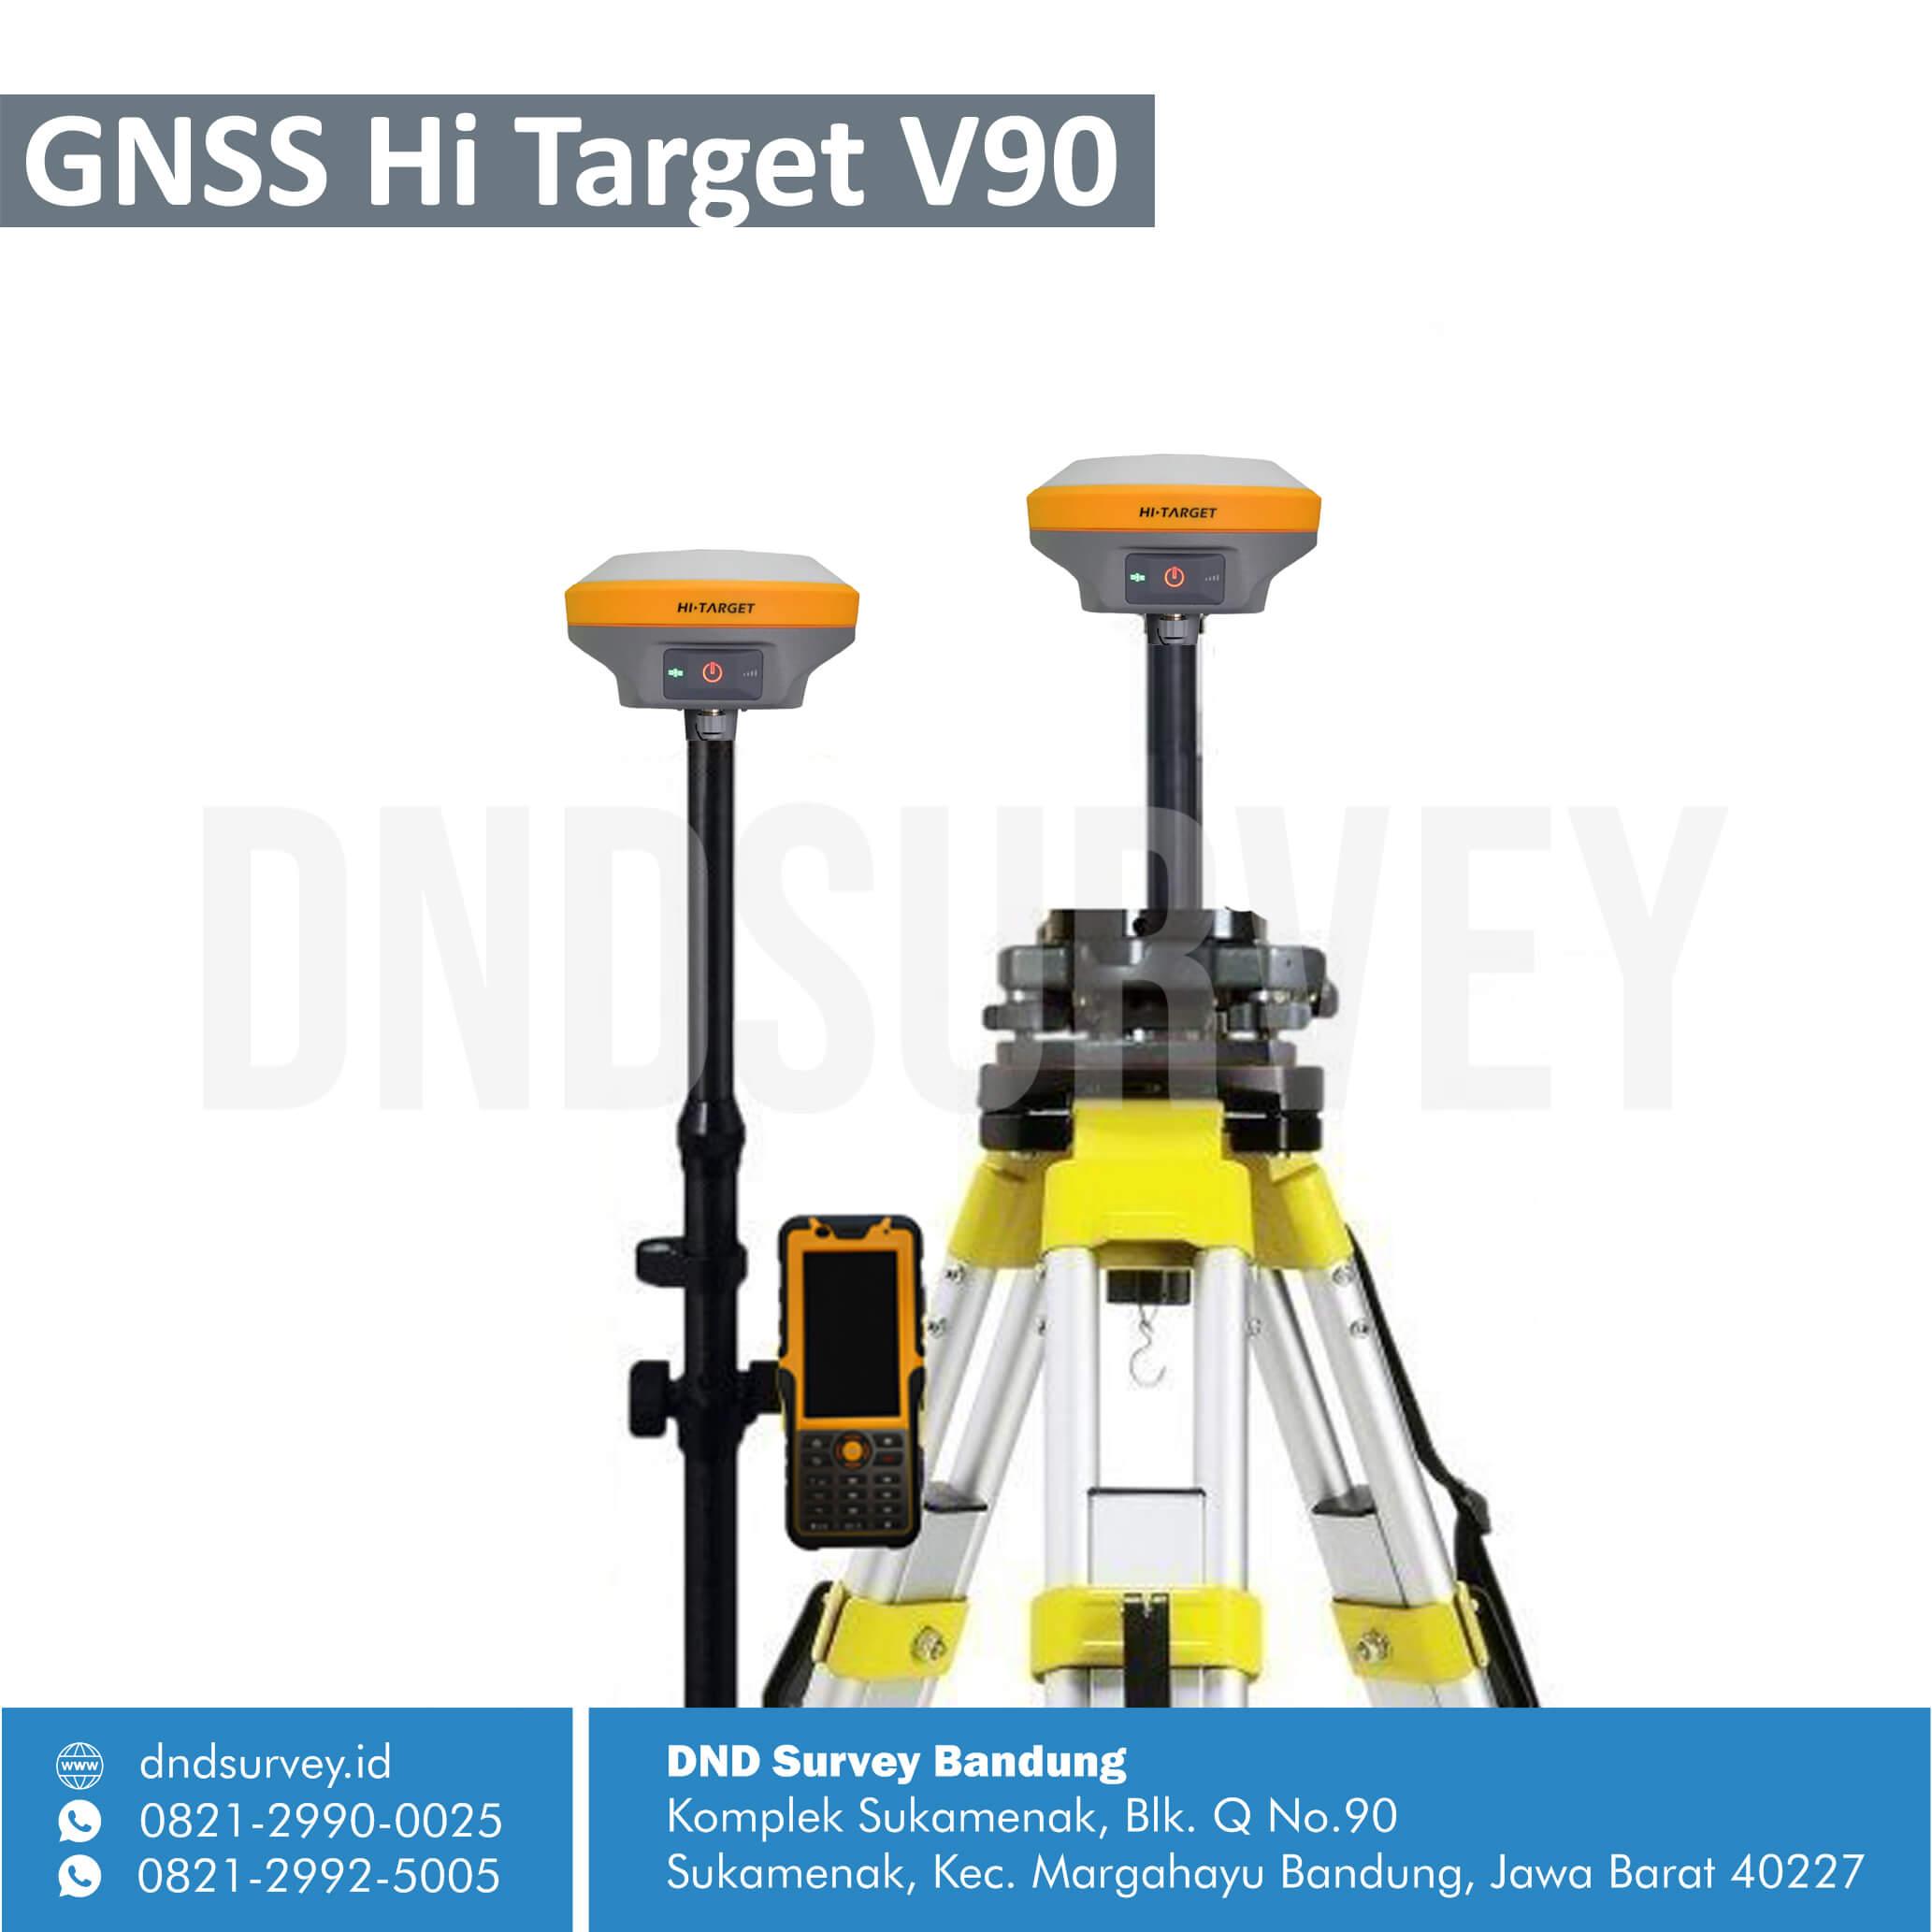 GNSS Hi Target V90